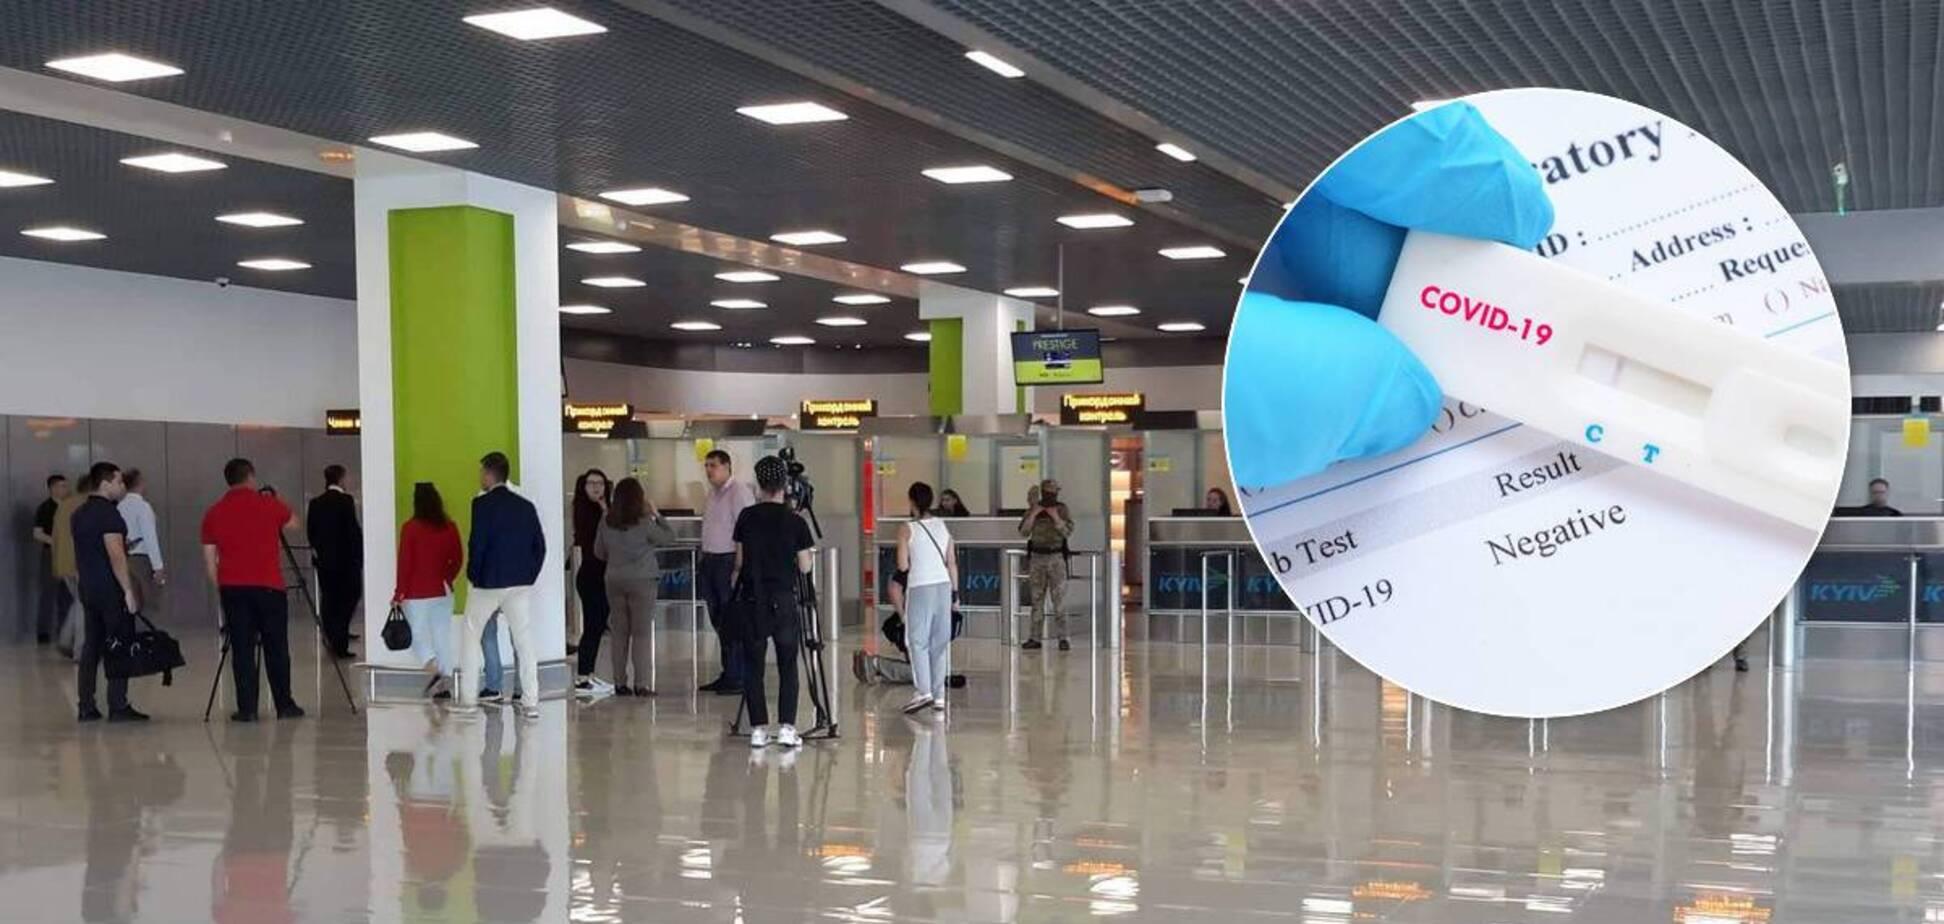 Як пройти тест на коронавірус в аеропорту